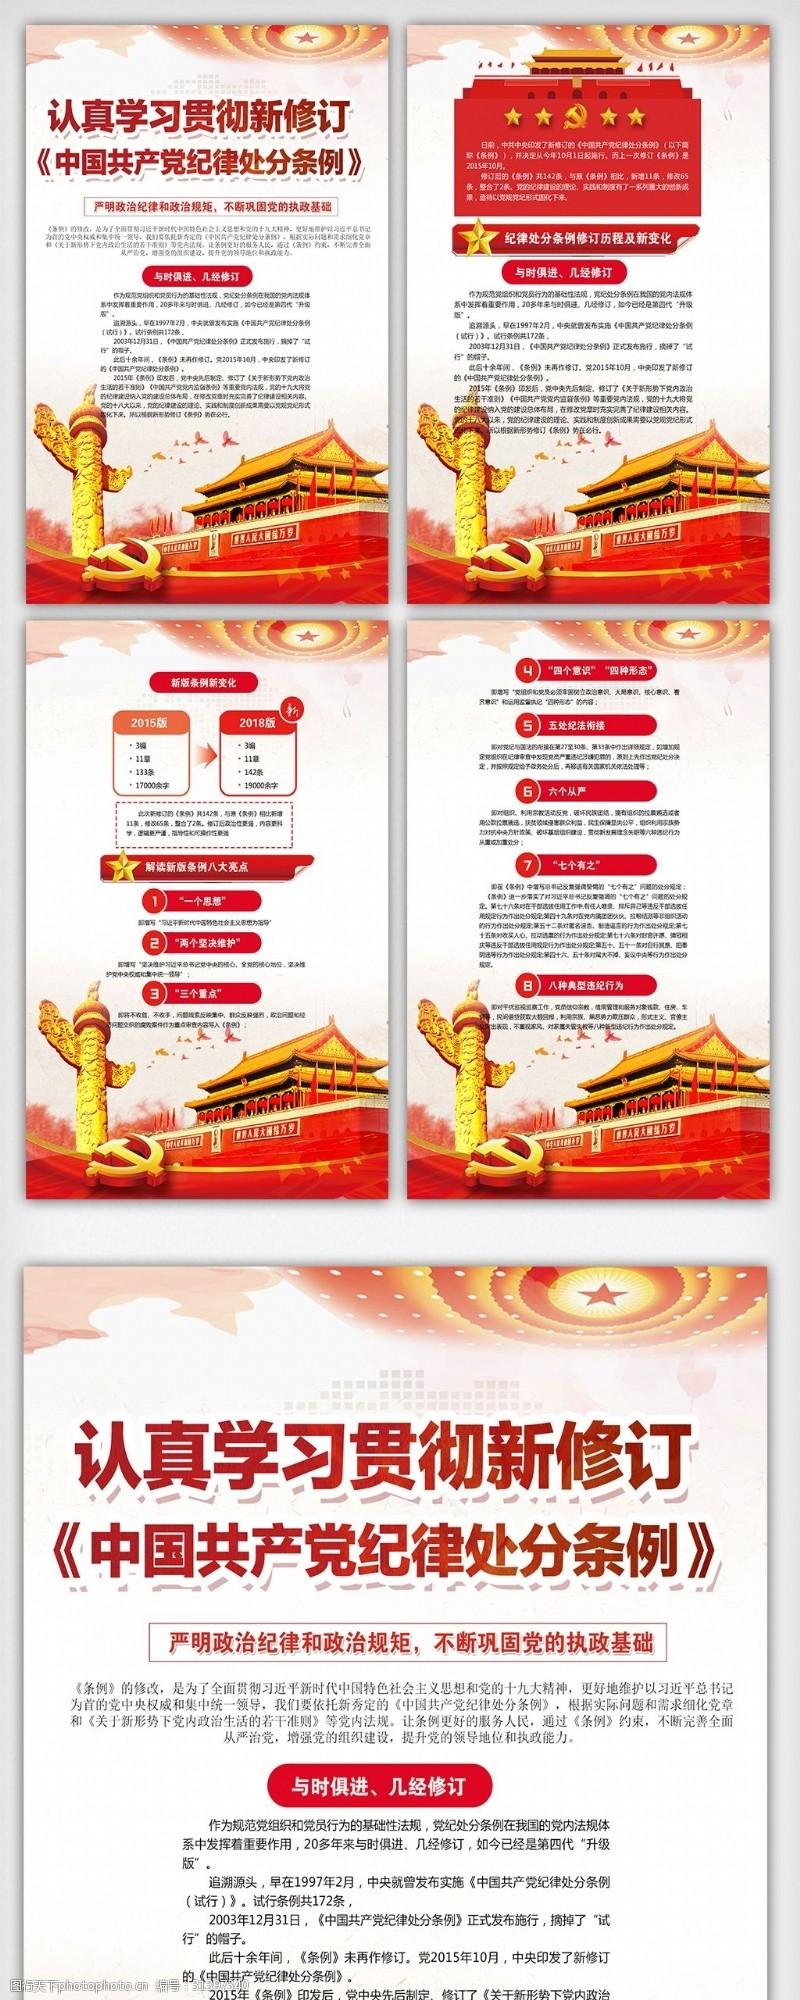 解读纪律处分中国共产党纪律处分条例挂画素材